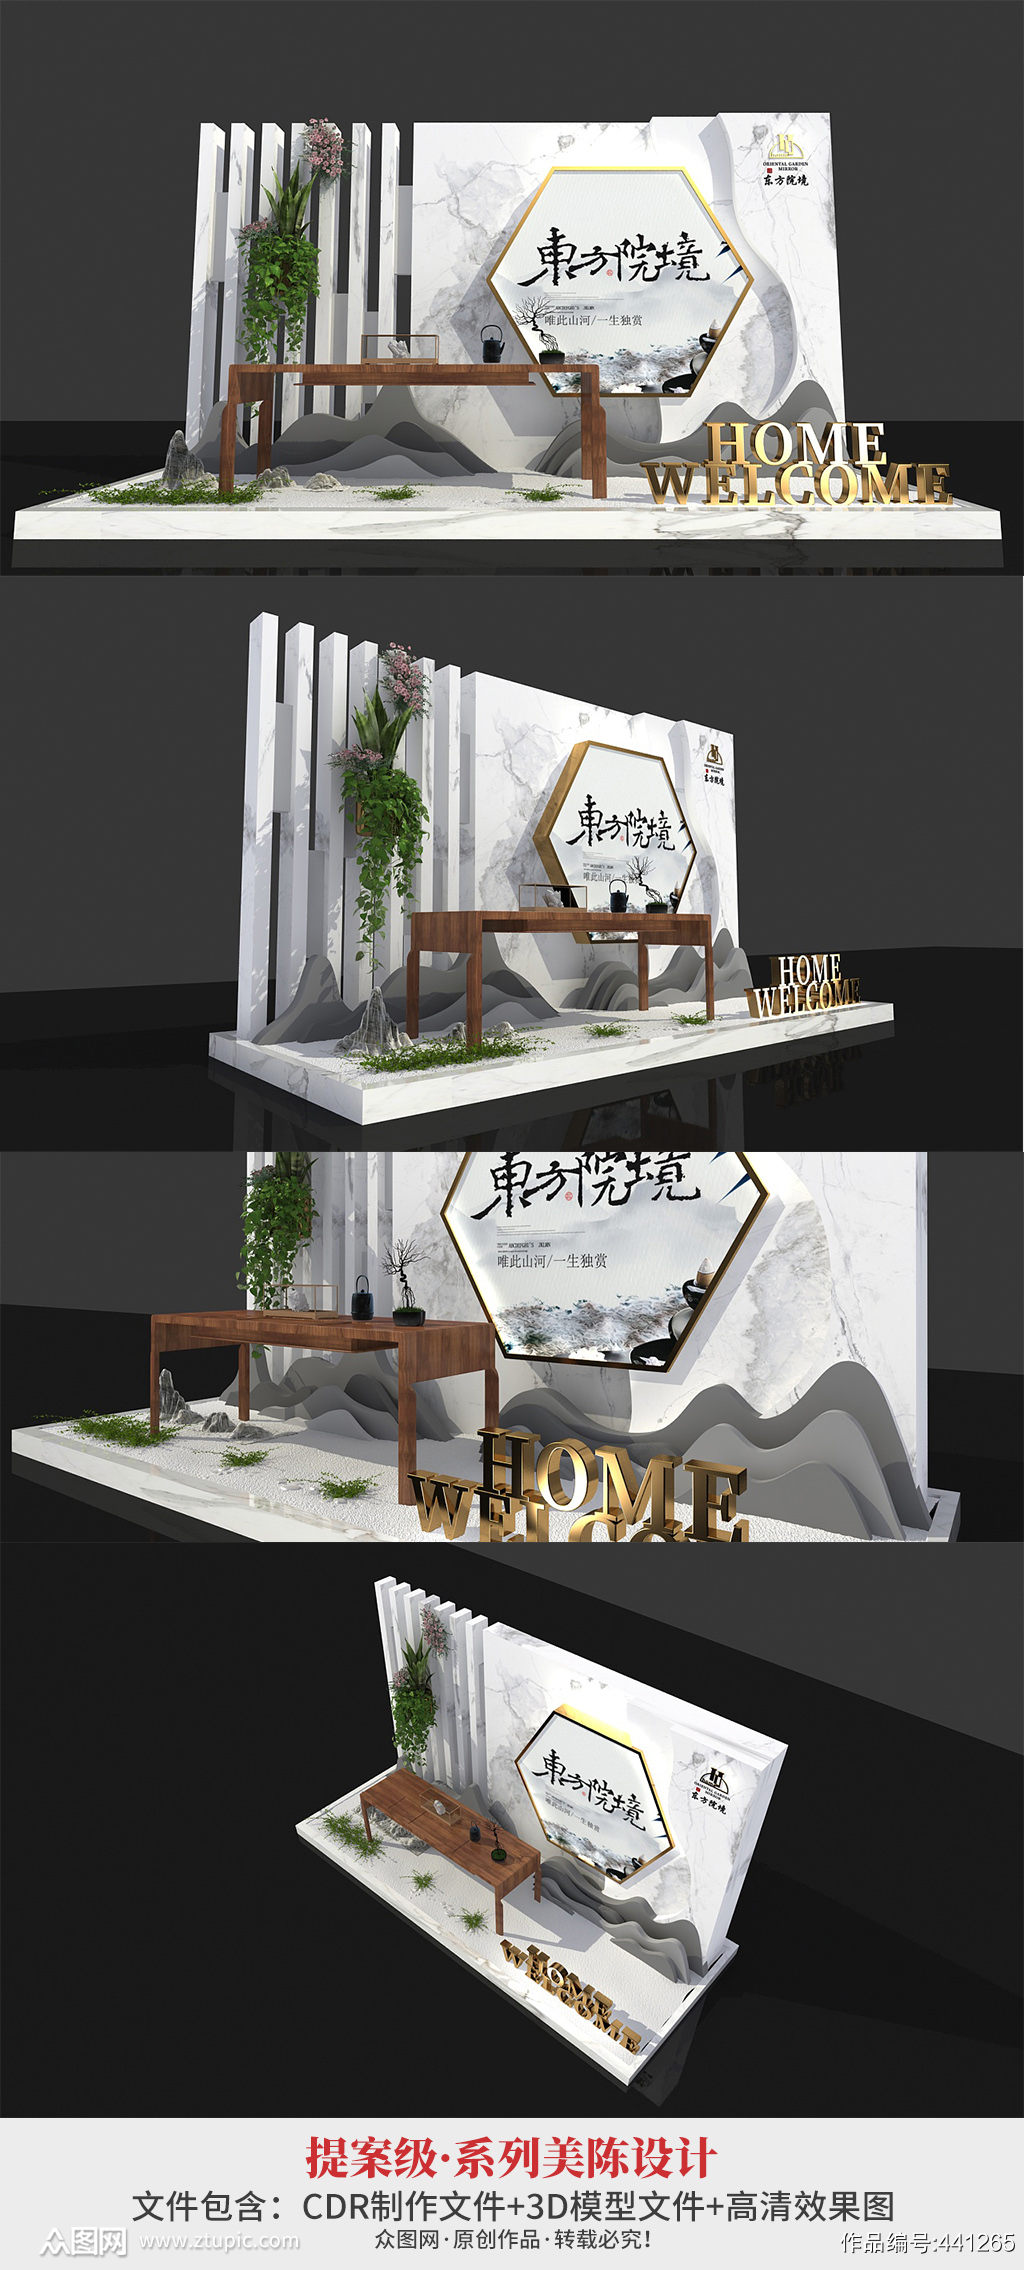 2021年 新中式中庭欢迎回家主题商业房地产 售楼处交房美陈设计图素材